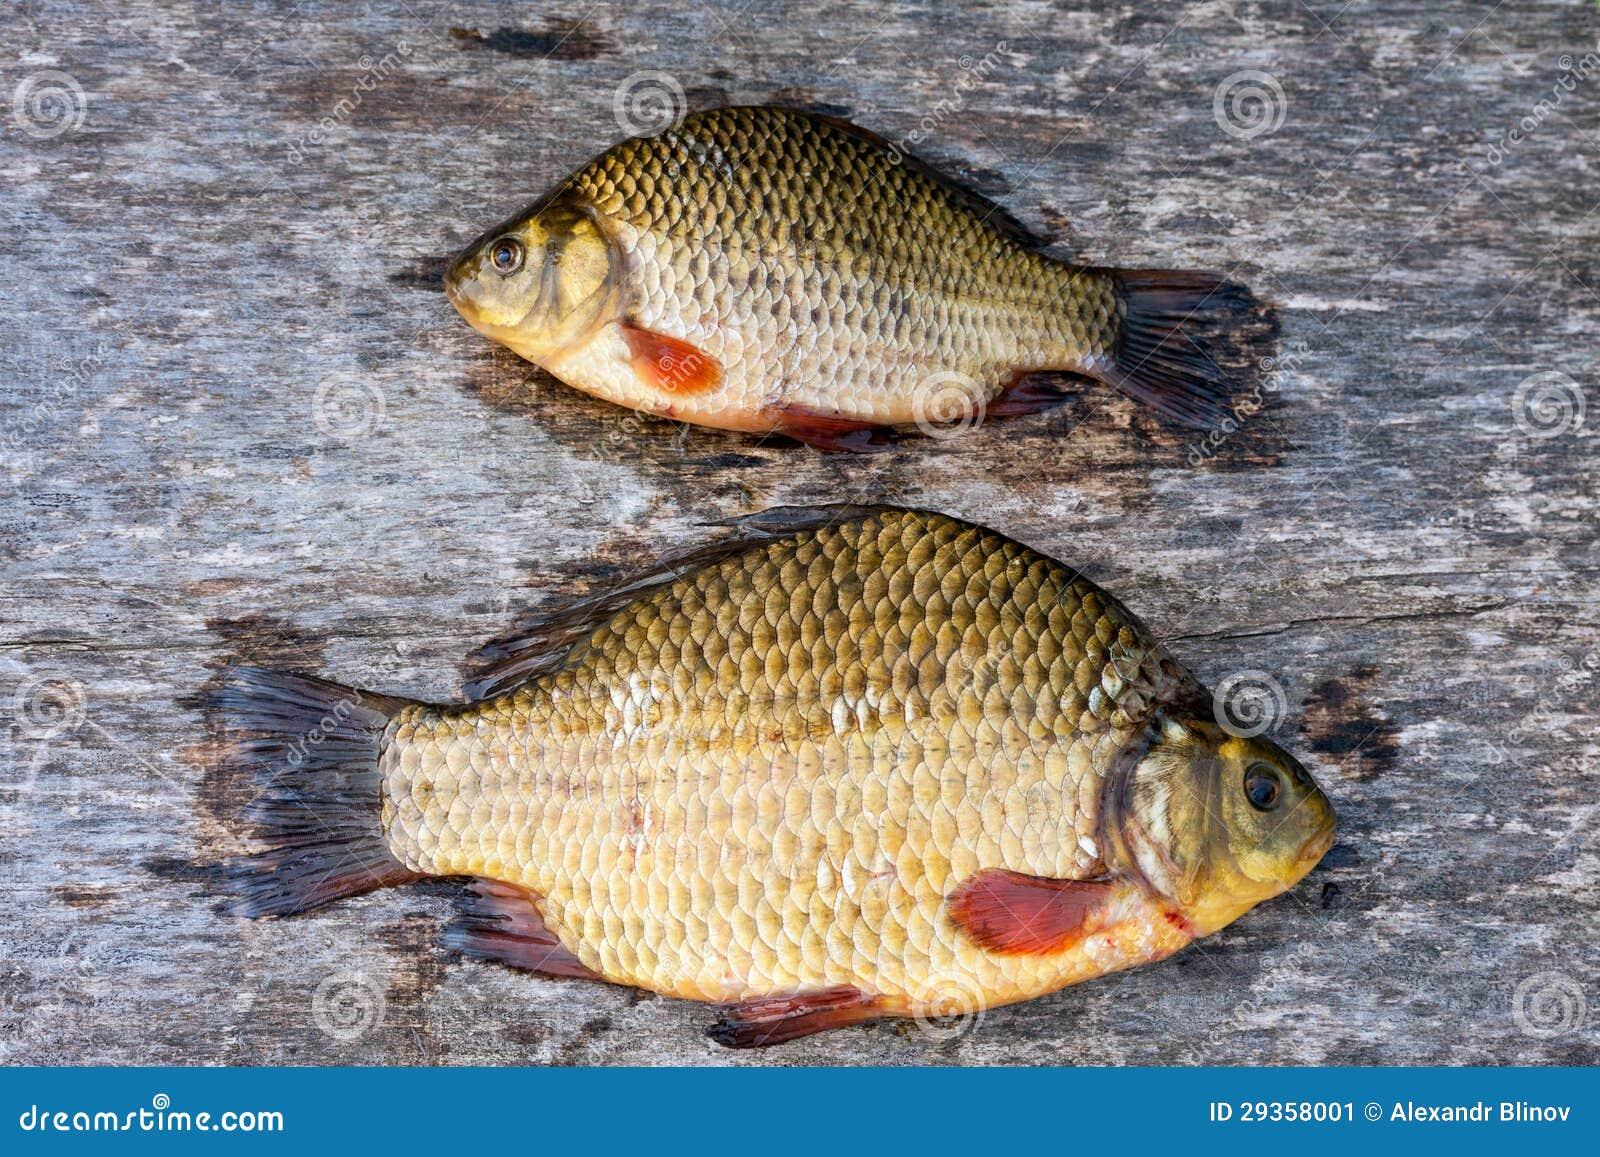 Freshwater carp - photo#9